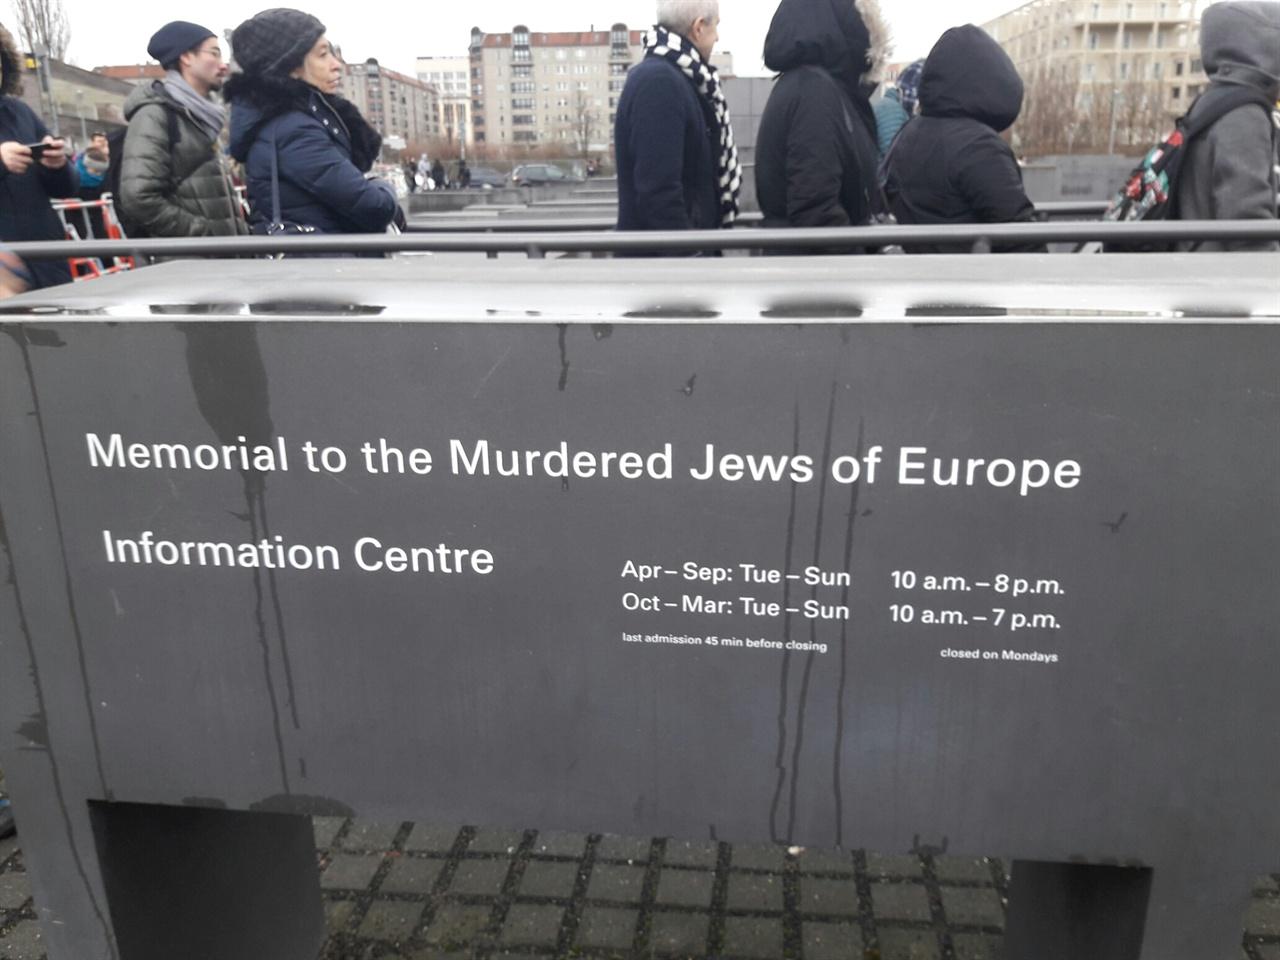 베를린 홀로코스트 메모리얼 박물관에 들어가기위해 줄 선 사람들. 정식 명칭은 'Memorial to the Murdered Jews of Europe'이다.